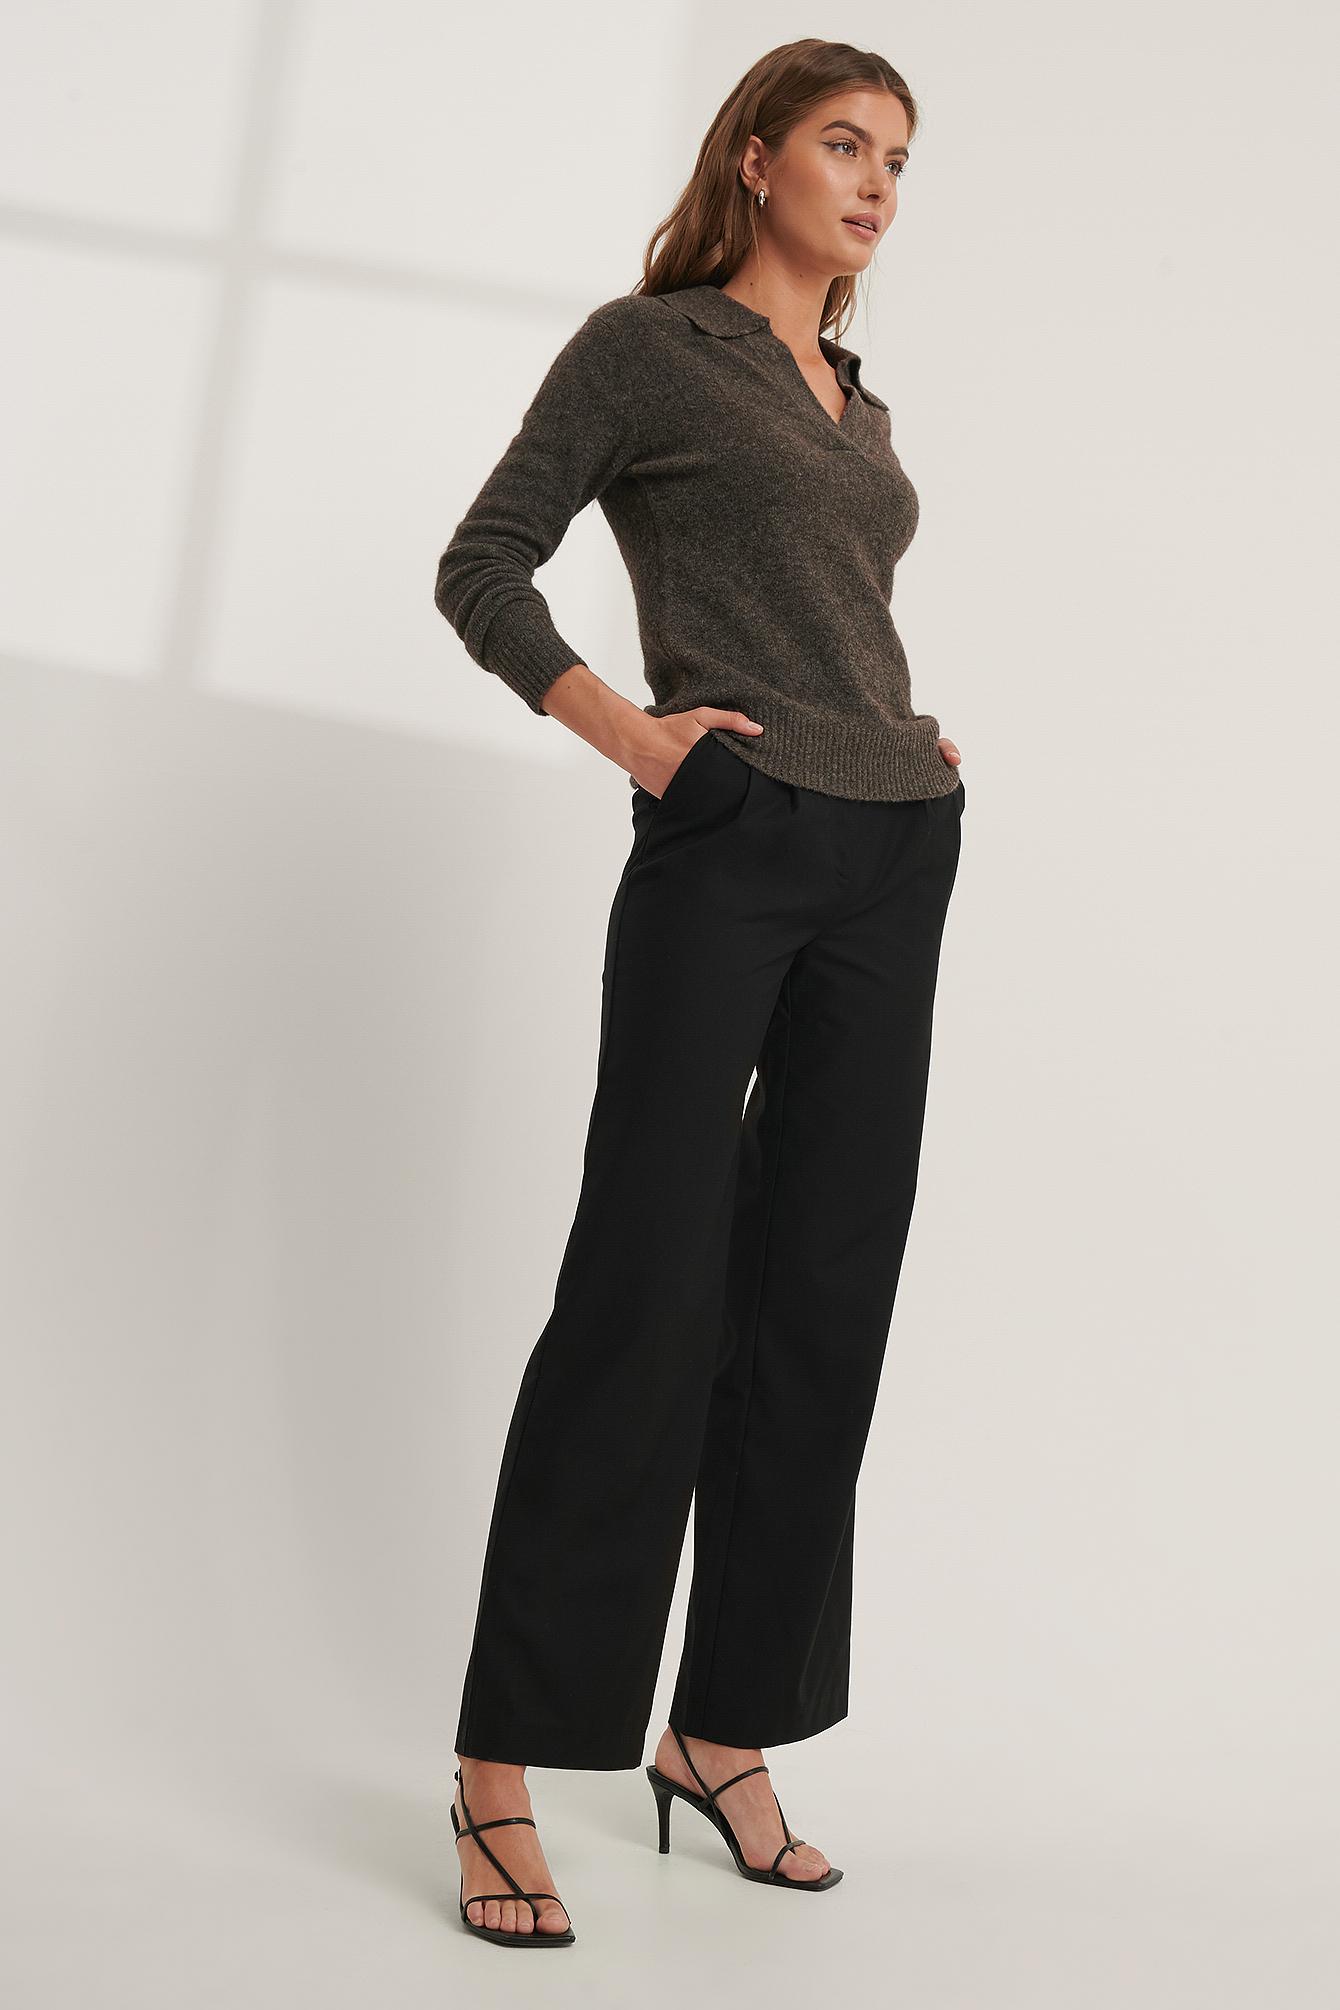 Mathilde Gøhler x NA-KD Anzughose Mit Faltendetail - Black | Bekleidung > Hosen > Anzughosen | Mathilde Gøhler x NA-KD